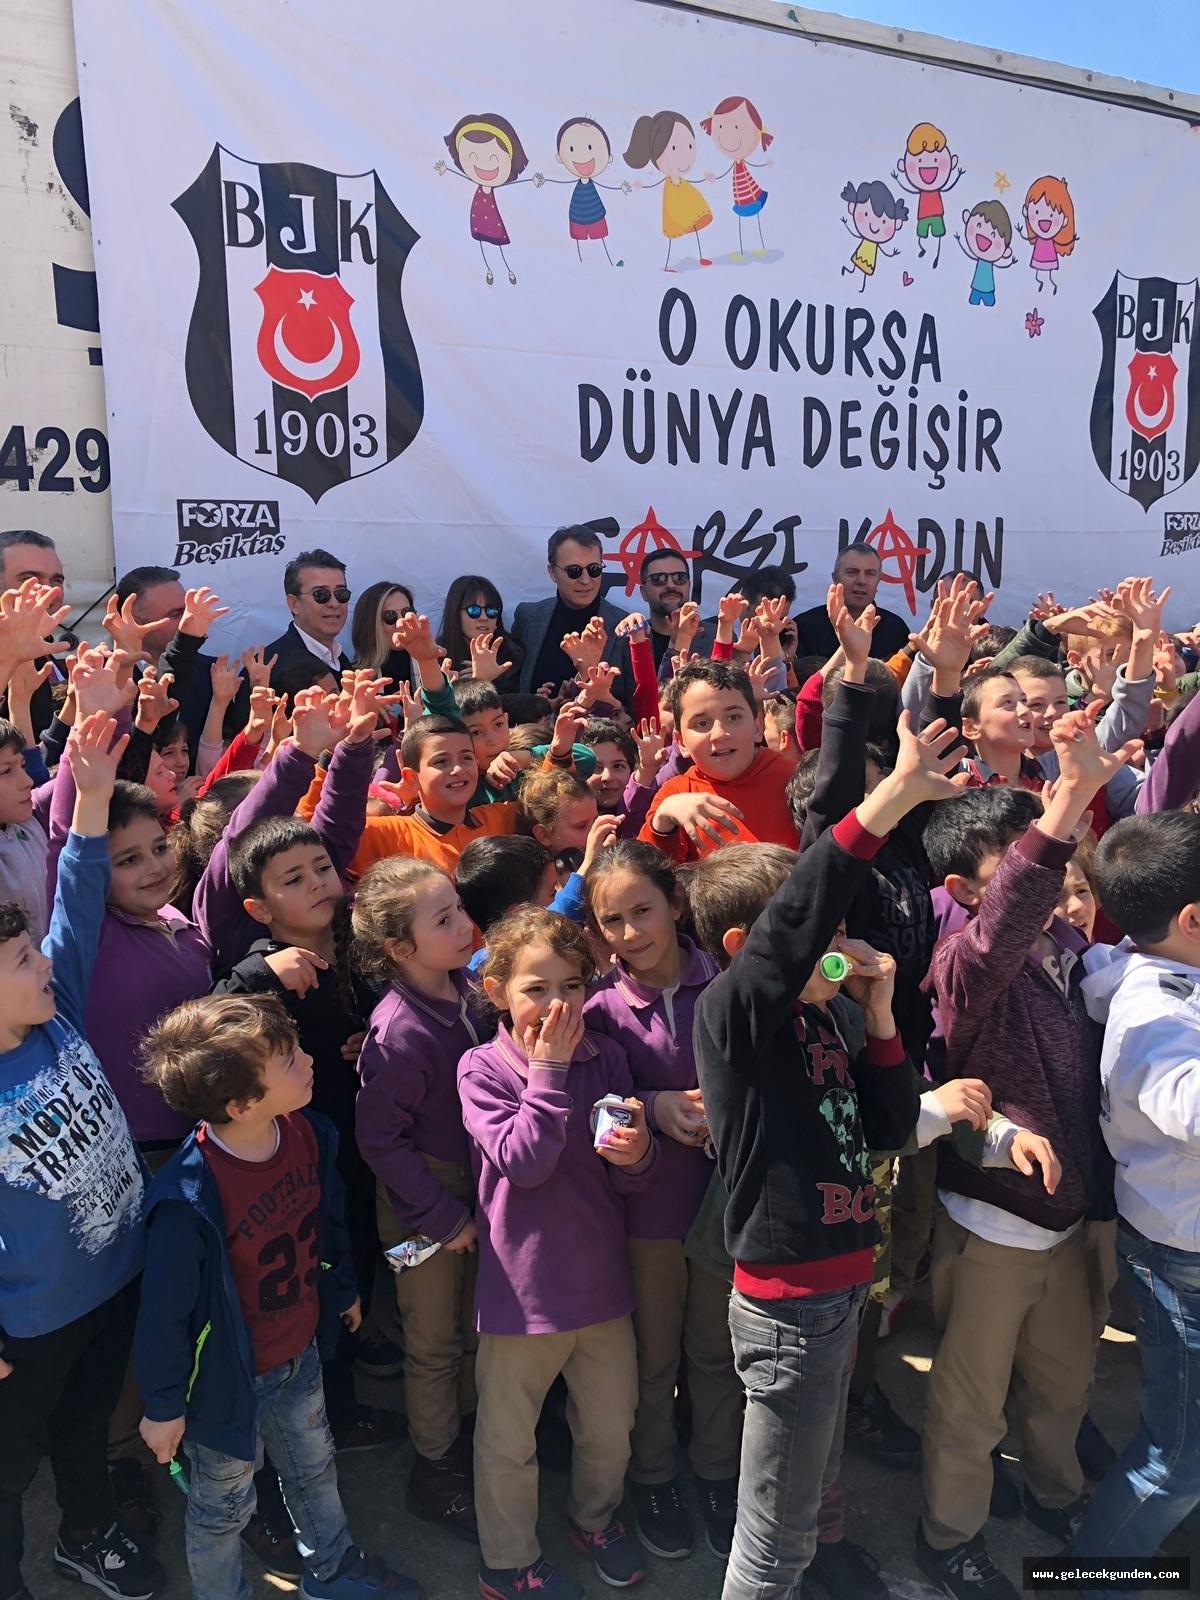 Beşiktaş  Tırı Doğu Karadenize ulaştı, binlerce çocuk sevinecek.